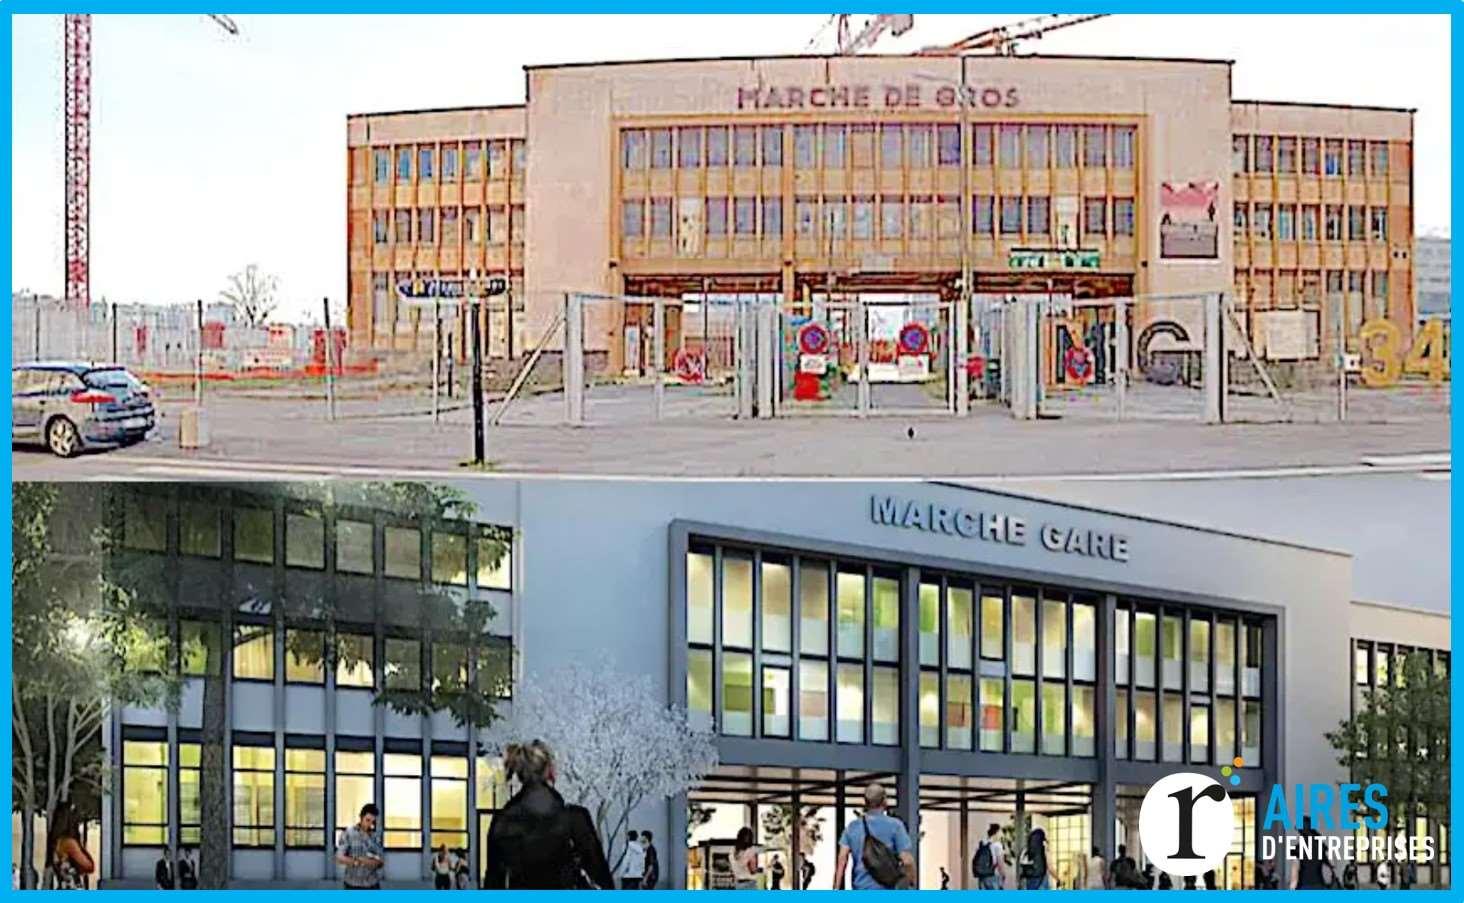 """Lyon-Confluence - Construit dans les années 60, et surmonté des mentions """"Marché de gros"""", l'ancien porche qui marquait l'entrée des anciennes halles de Lyon (marché-gare) va bientôt trouver un nouveau rôle..."""